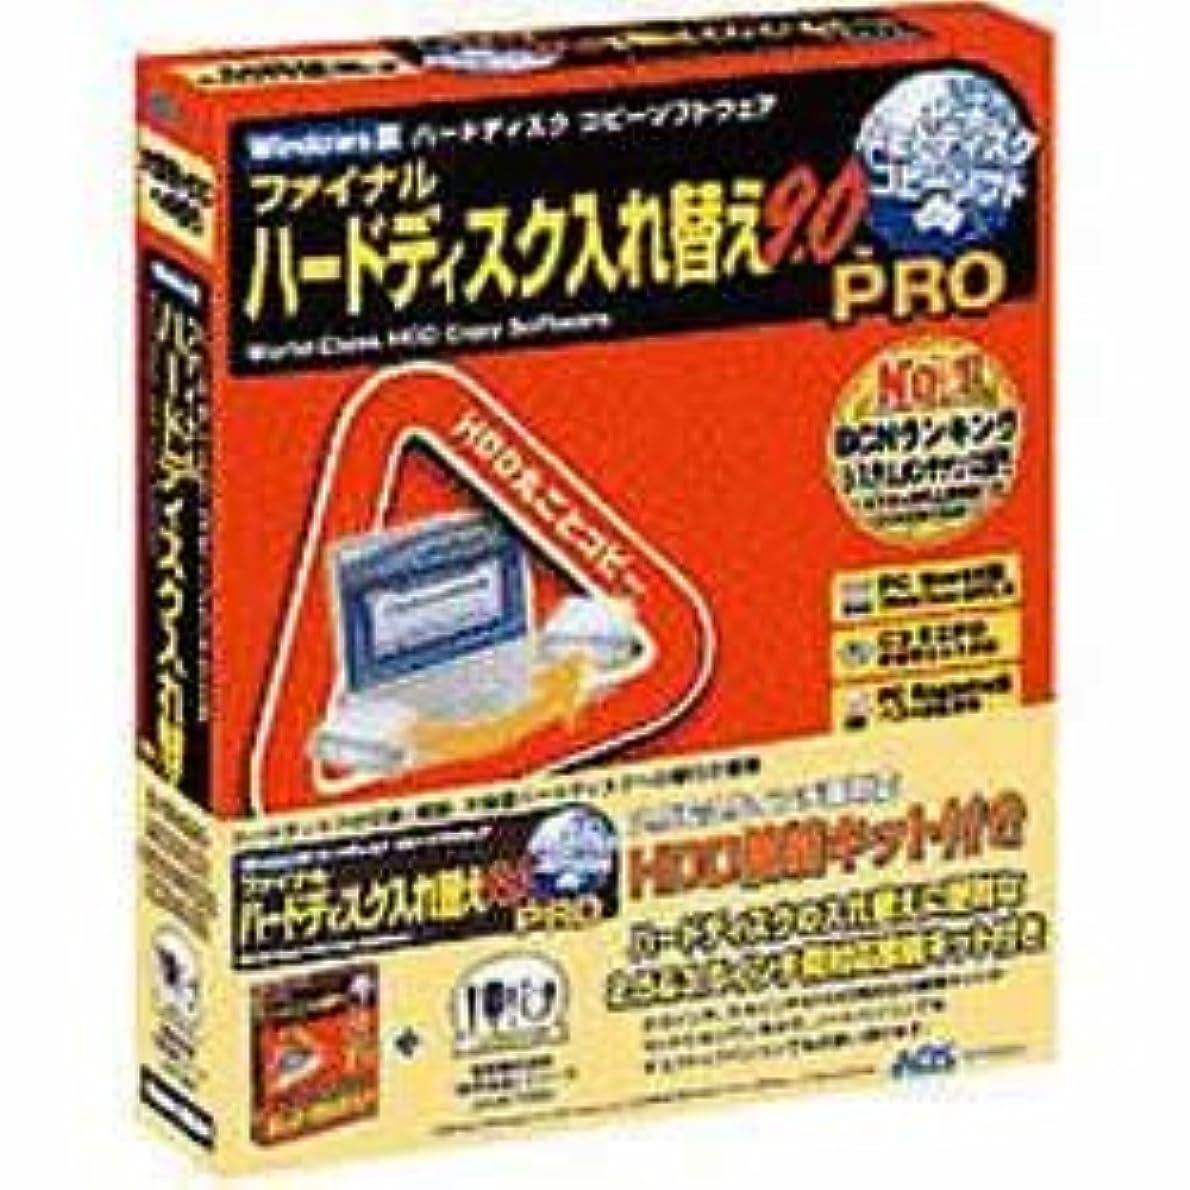 すり減る筋ジョガーファイナルハードディスク入れ替え9.0 PRO (HDD接続キット付き)